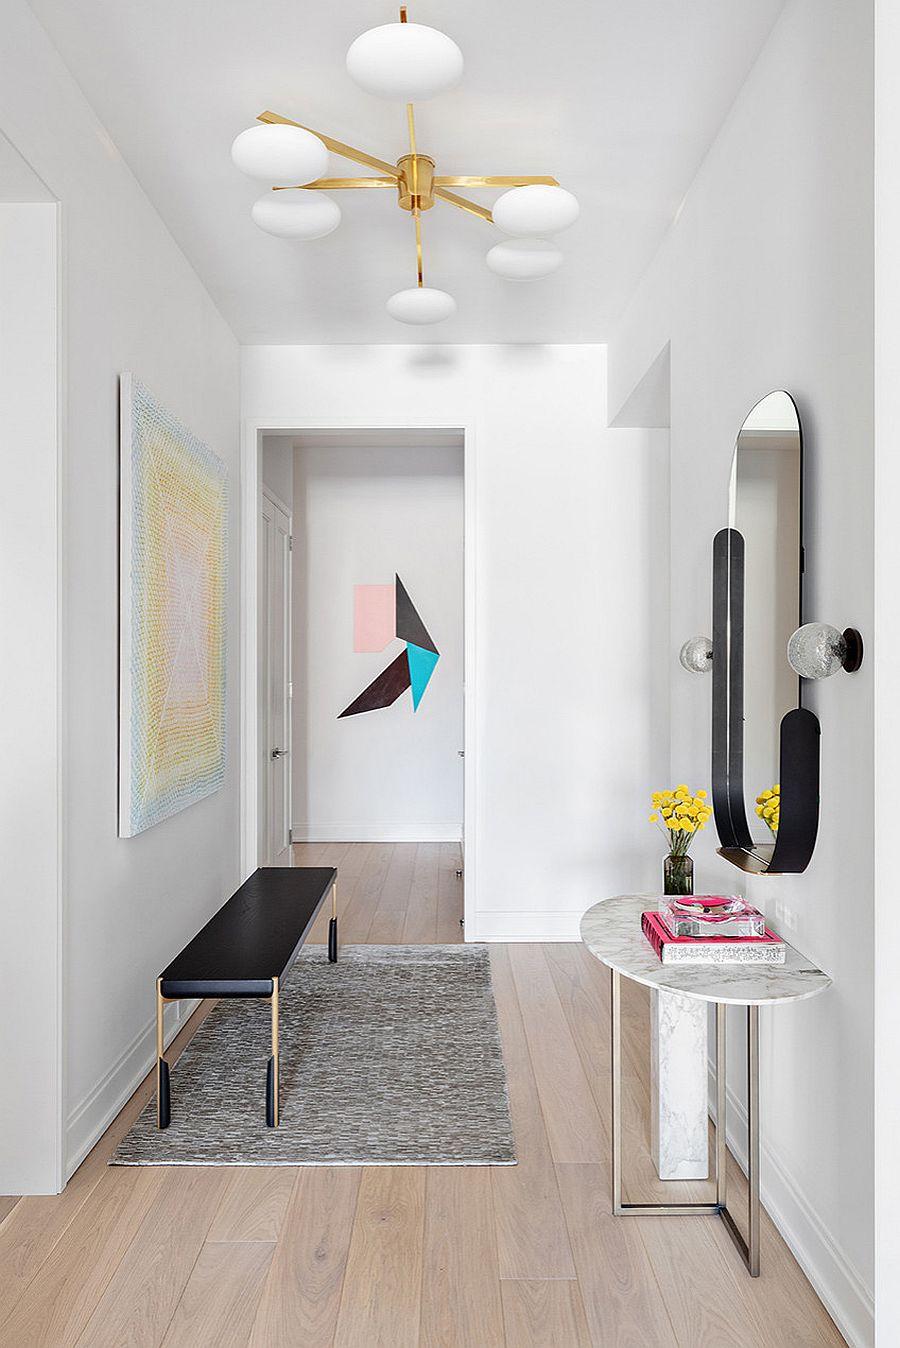 Gương, bàn điều khiển tuyệt vời và một chiếc ghế dài mỏng khác được sử dụng để trang trí hành lang thông minh này.